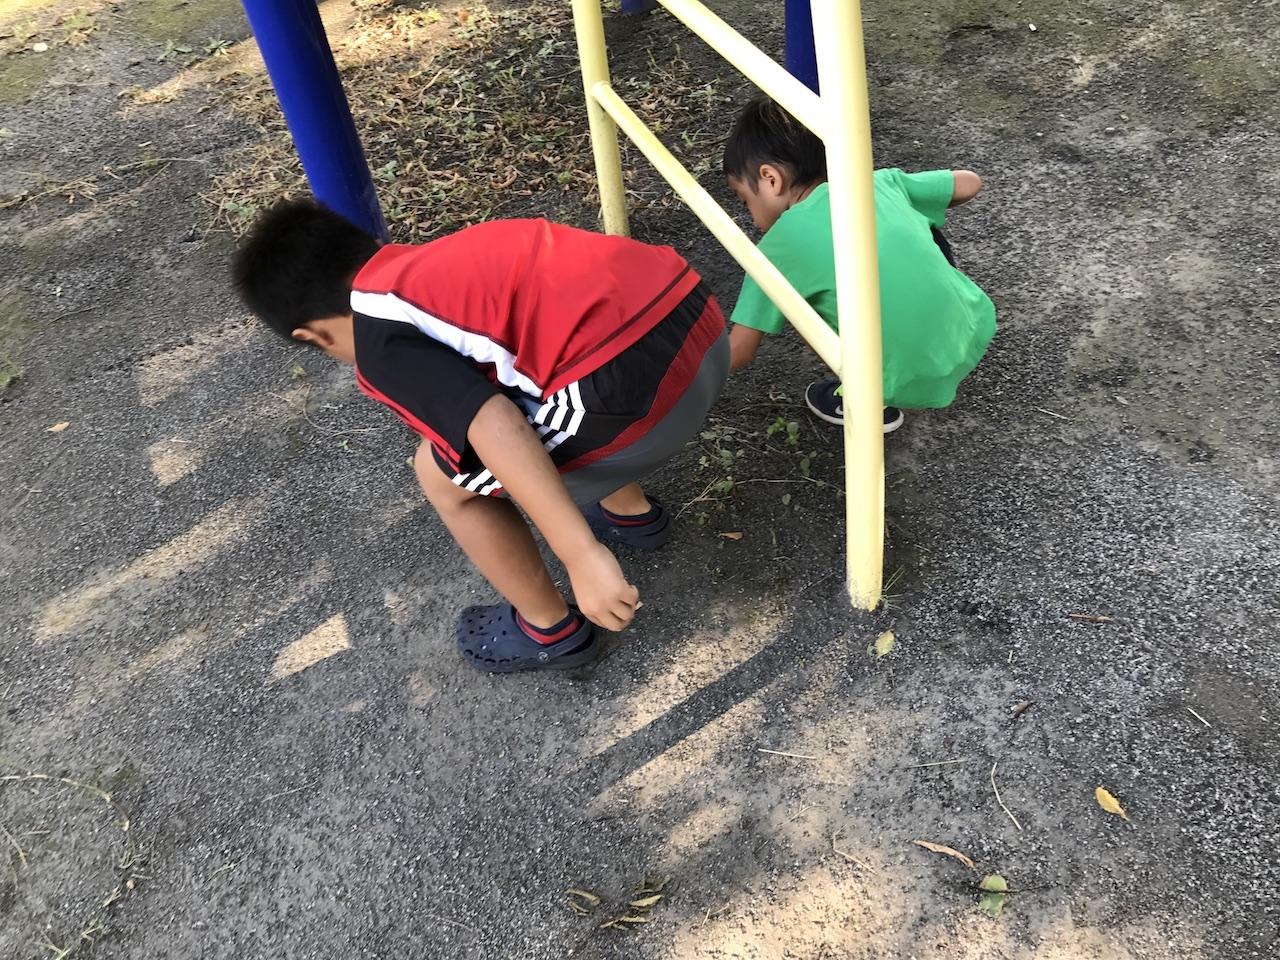 【結果報告&次の一手】息子達と自宅横の公園をきれいにする大作戦。自分達で掃除するだけじゃなくて、ゴミを捨てる人達を減らす方法を考える。